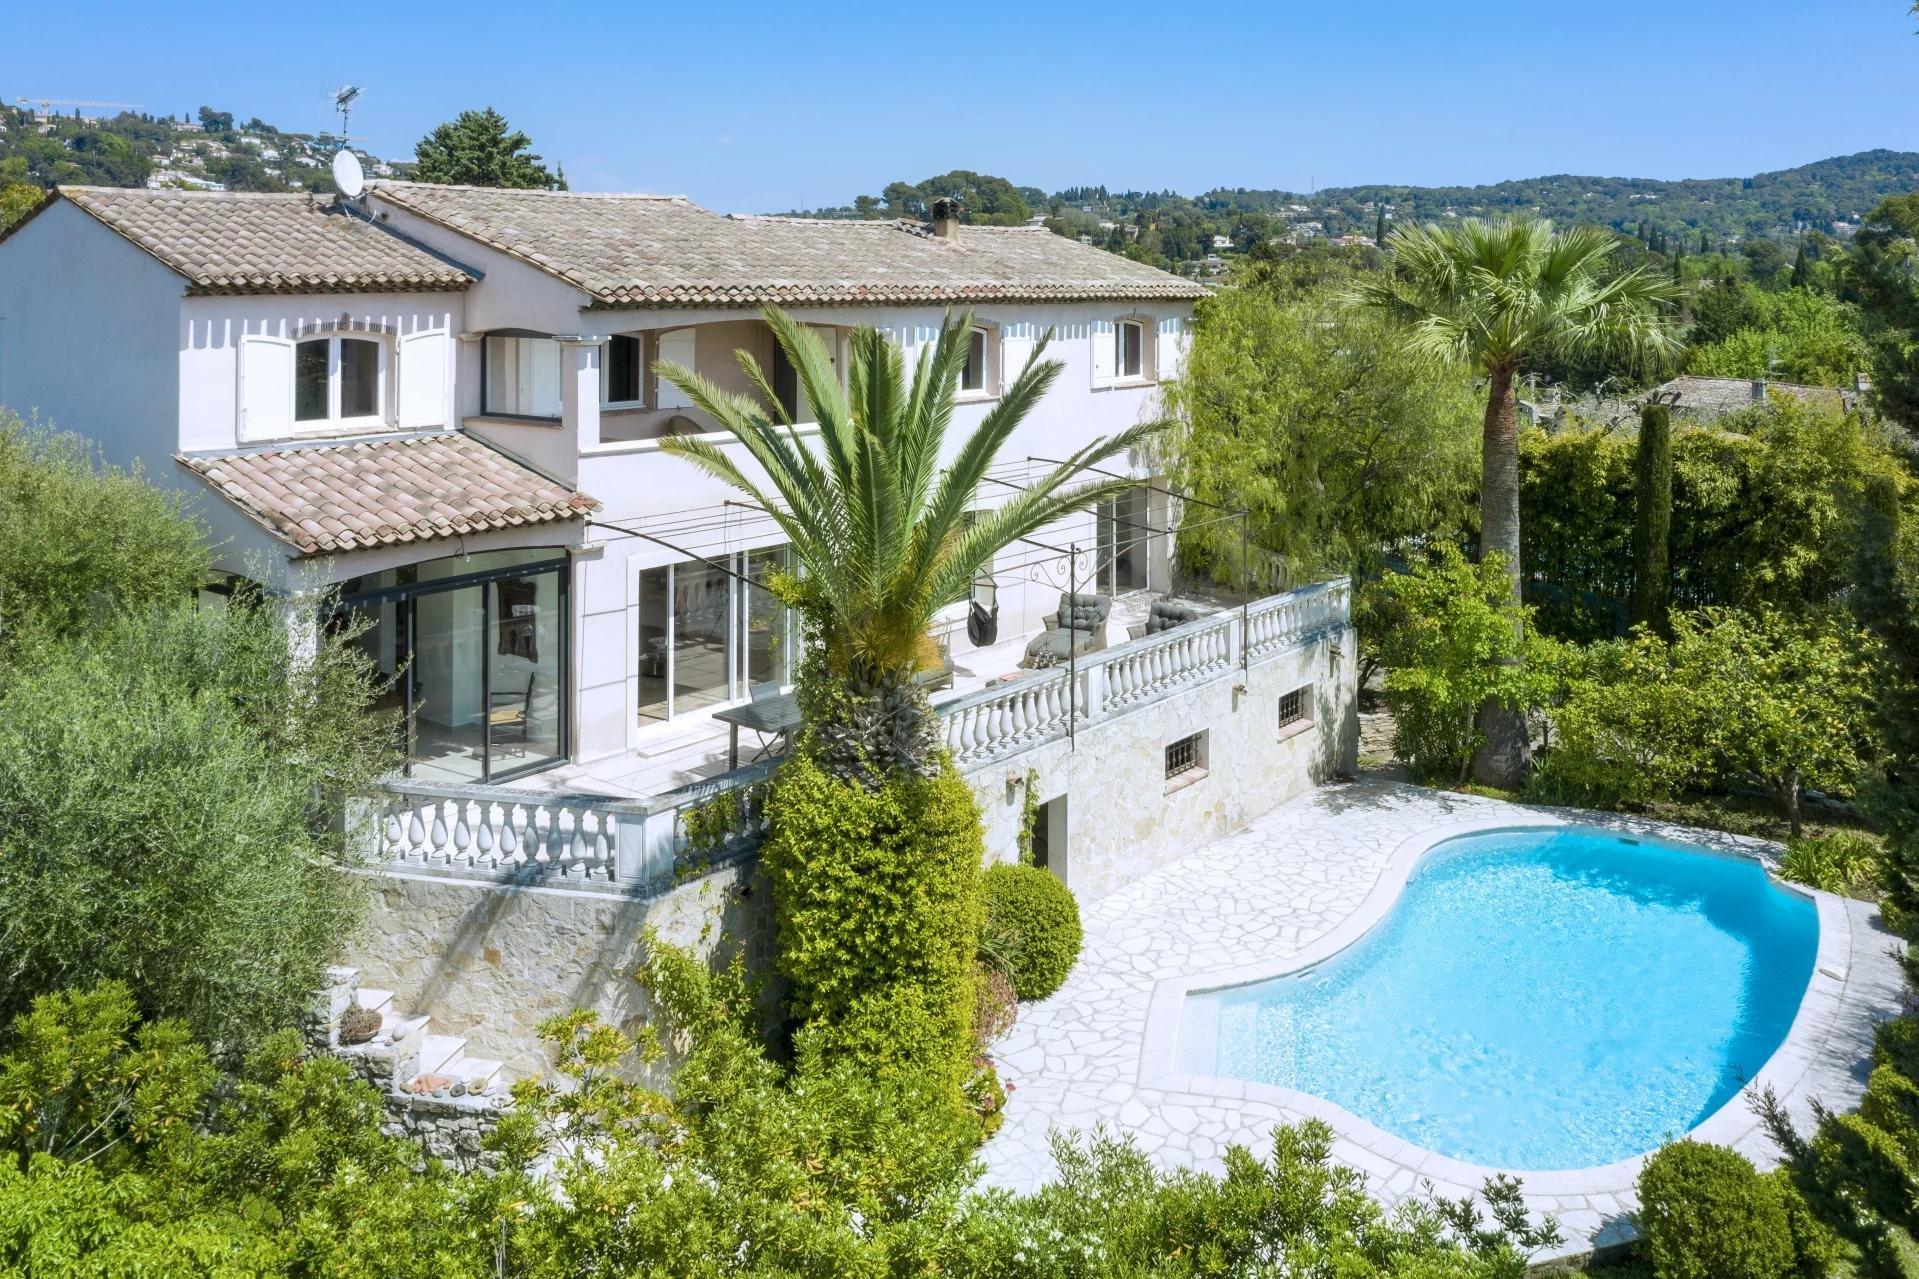 Très belle villa de 200 m² avec piscine, terrain de 1900 m² à Mougins